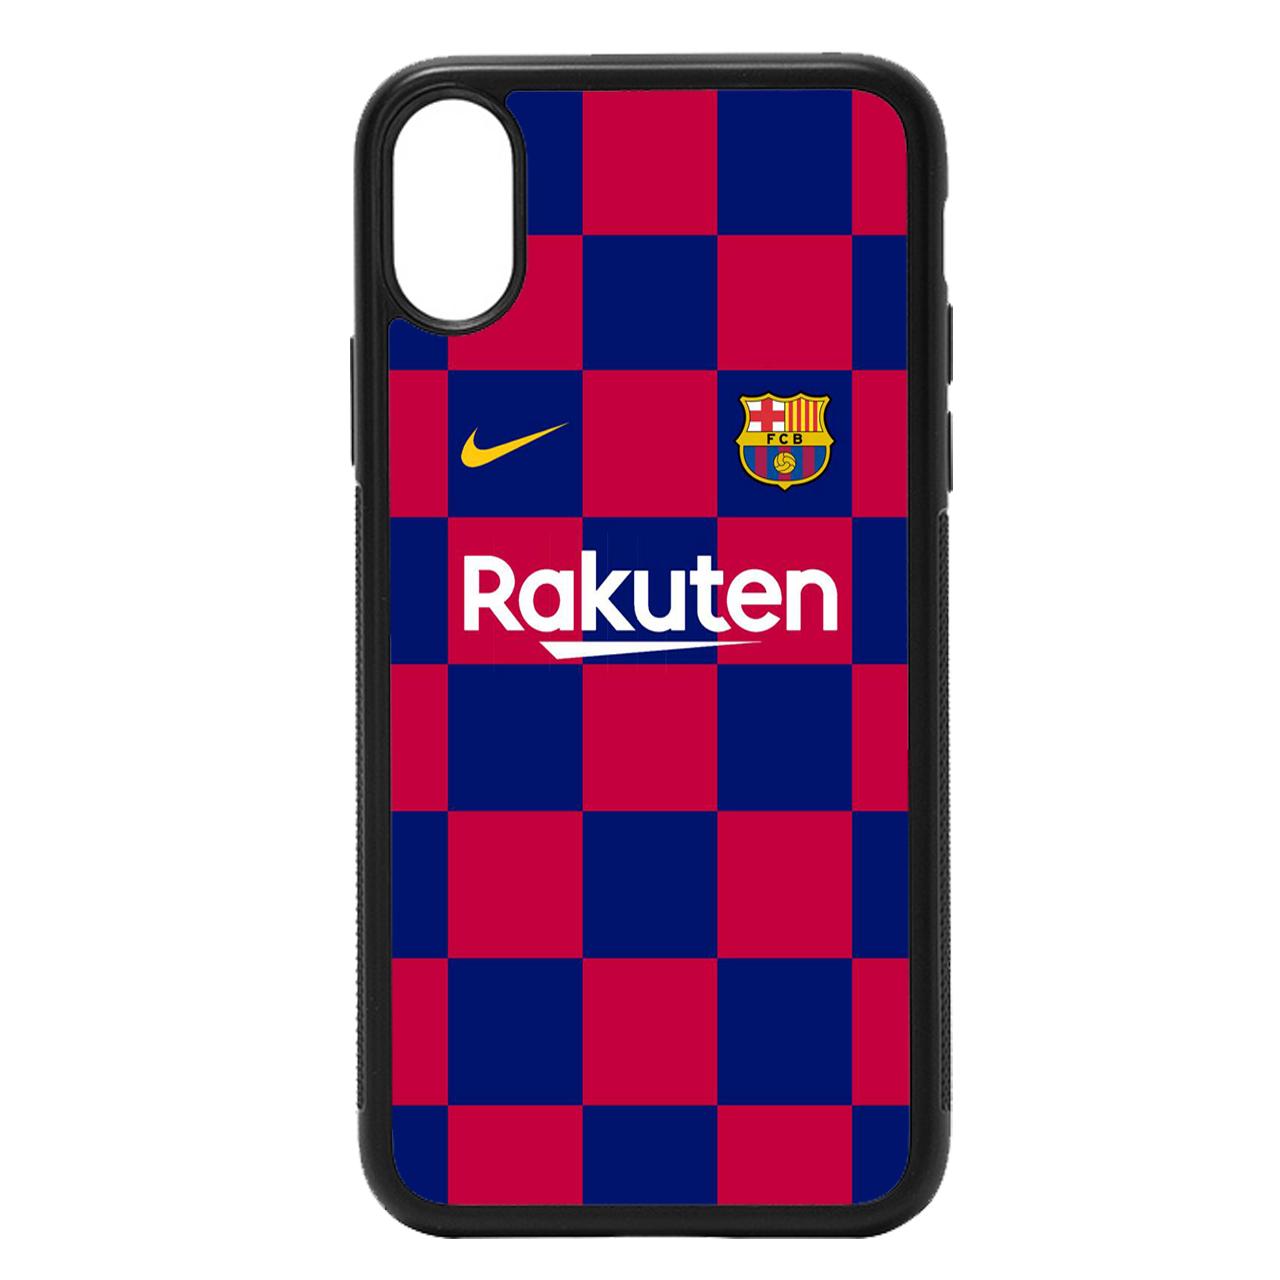 کاور طرح بارسلونا کد 11050611 مناسب برای گوشی موبایل اپل iphone x/xs